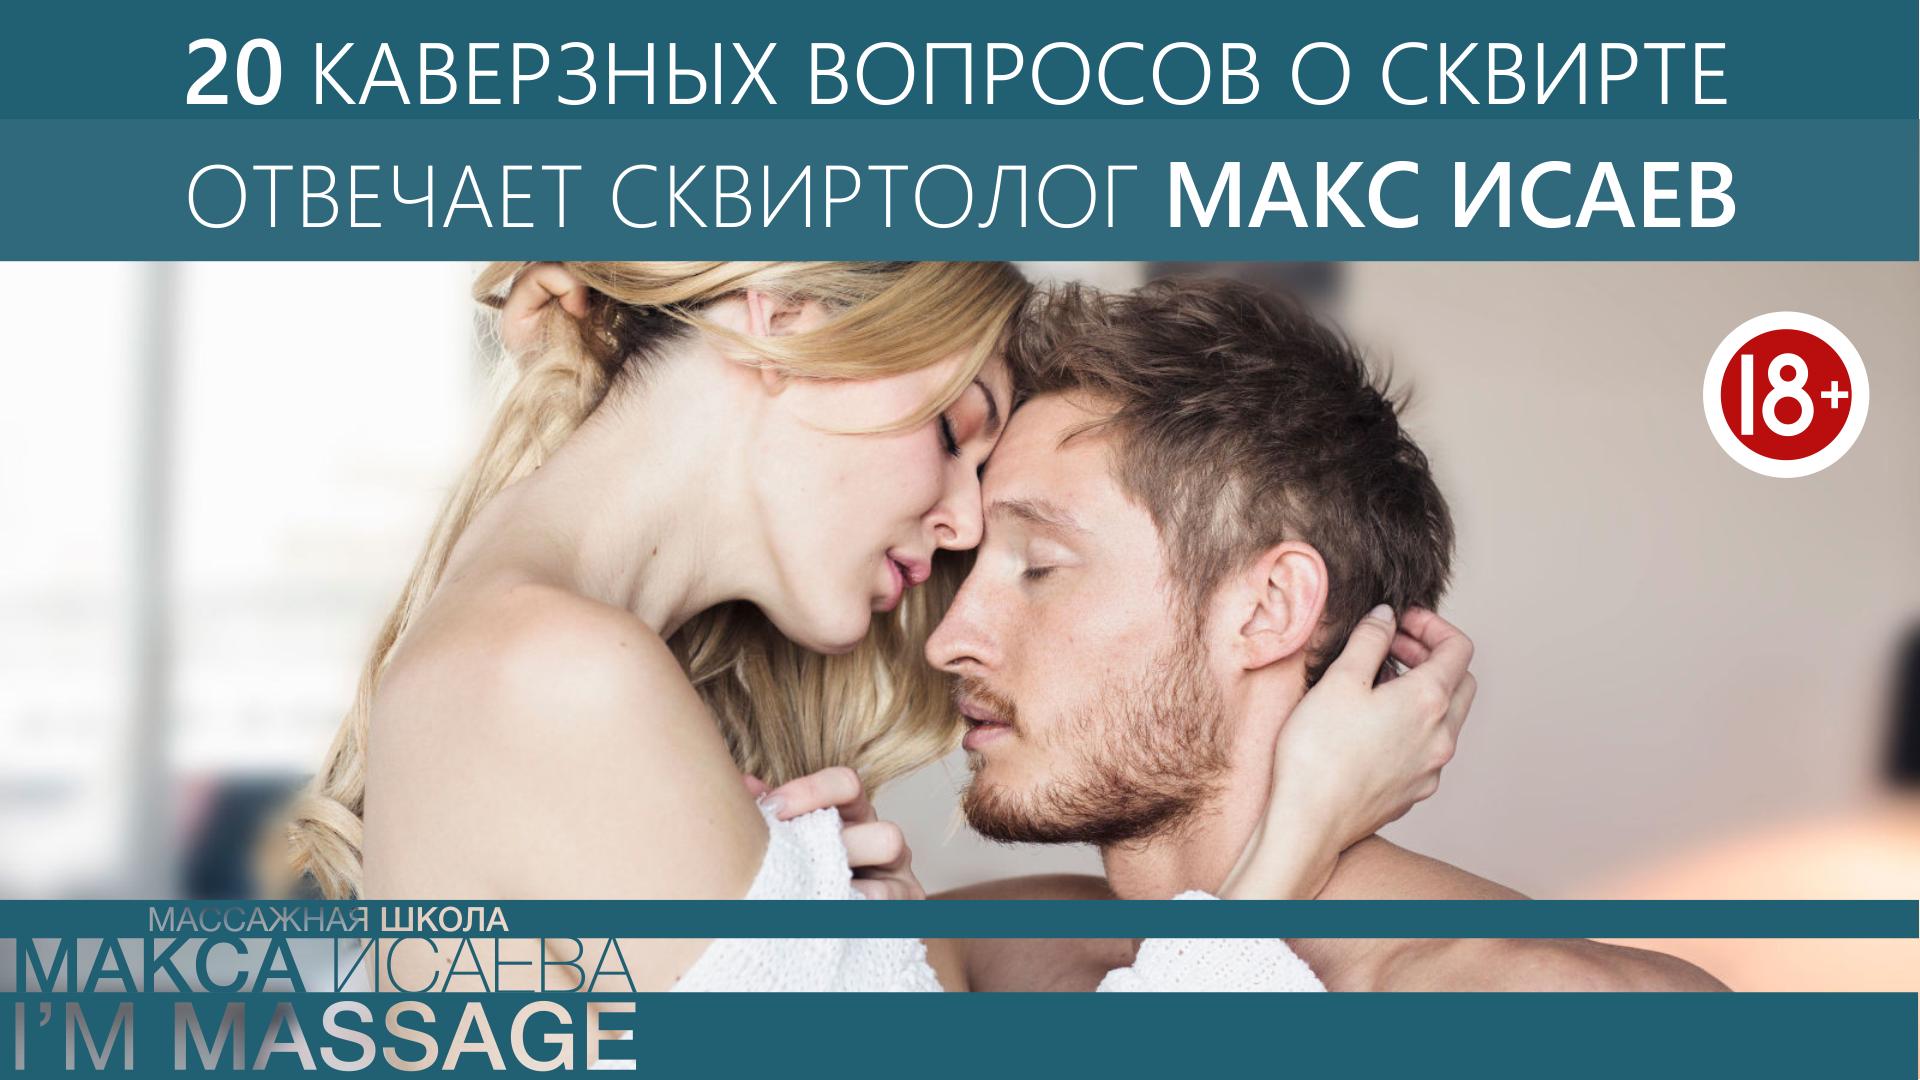 Максимальная подборка сквирта - Pornhub.com